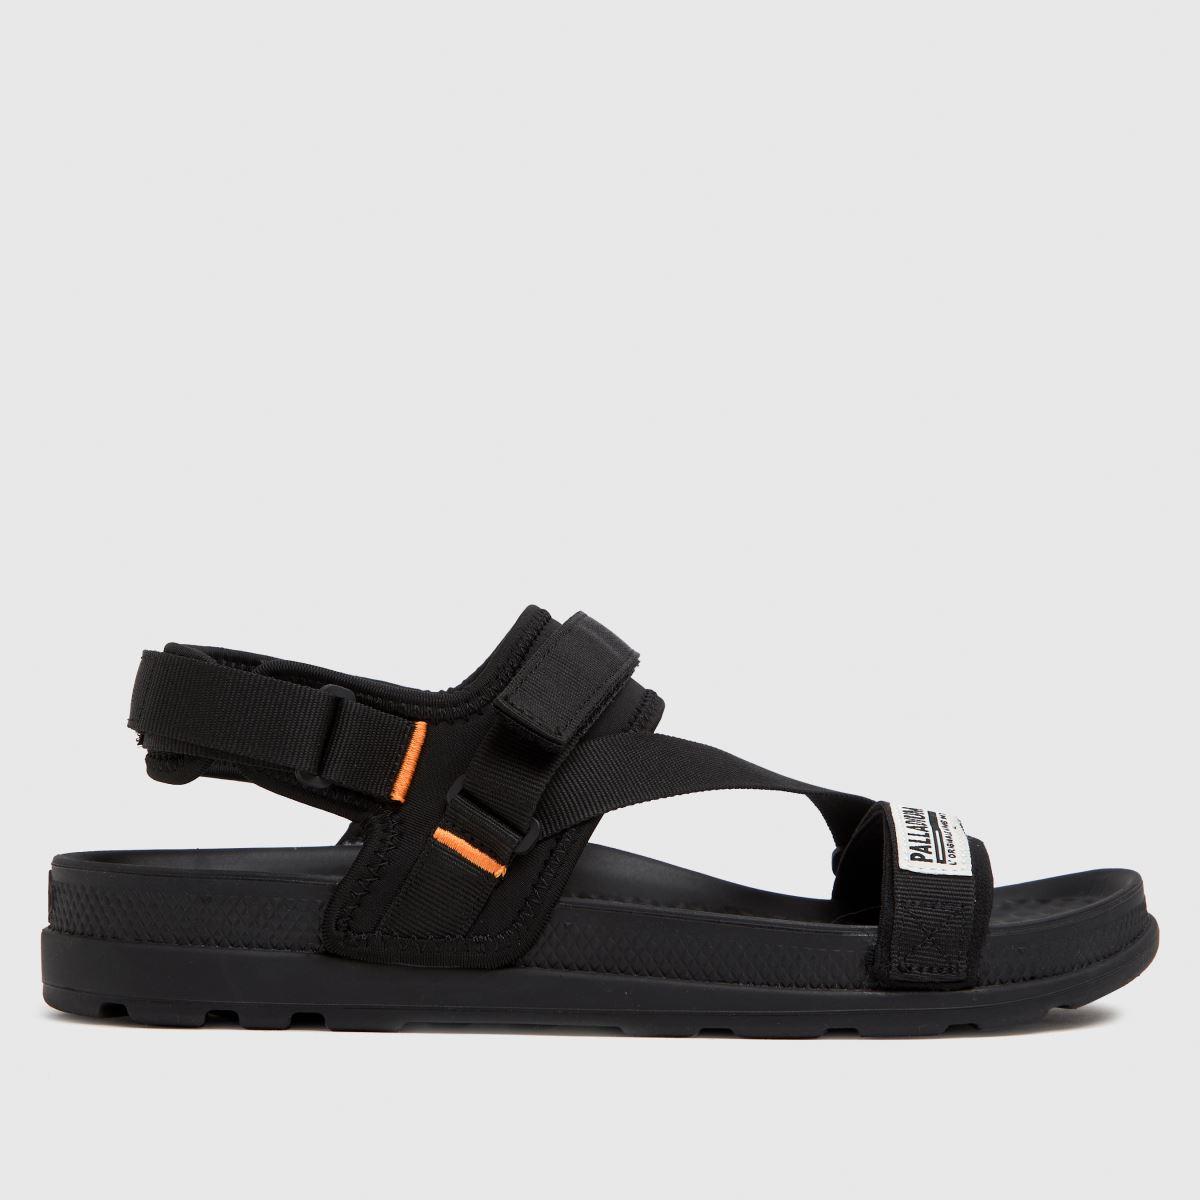 Palladium Black Solea St 2.0 Sandals